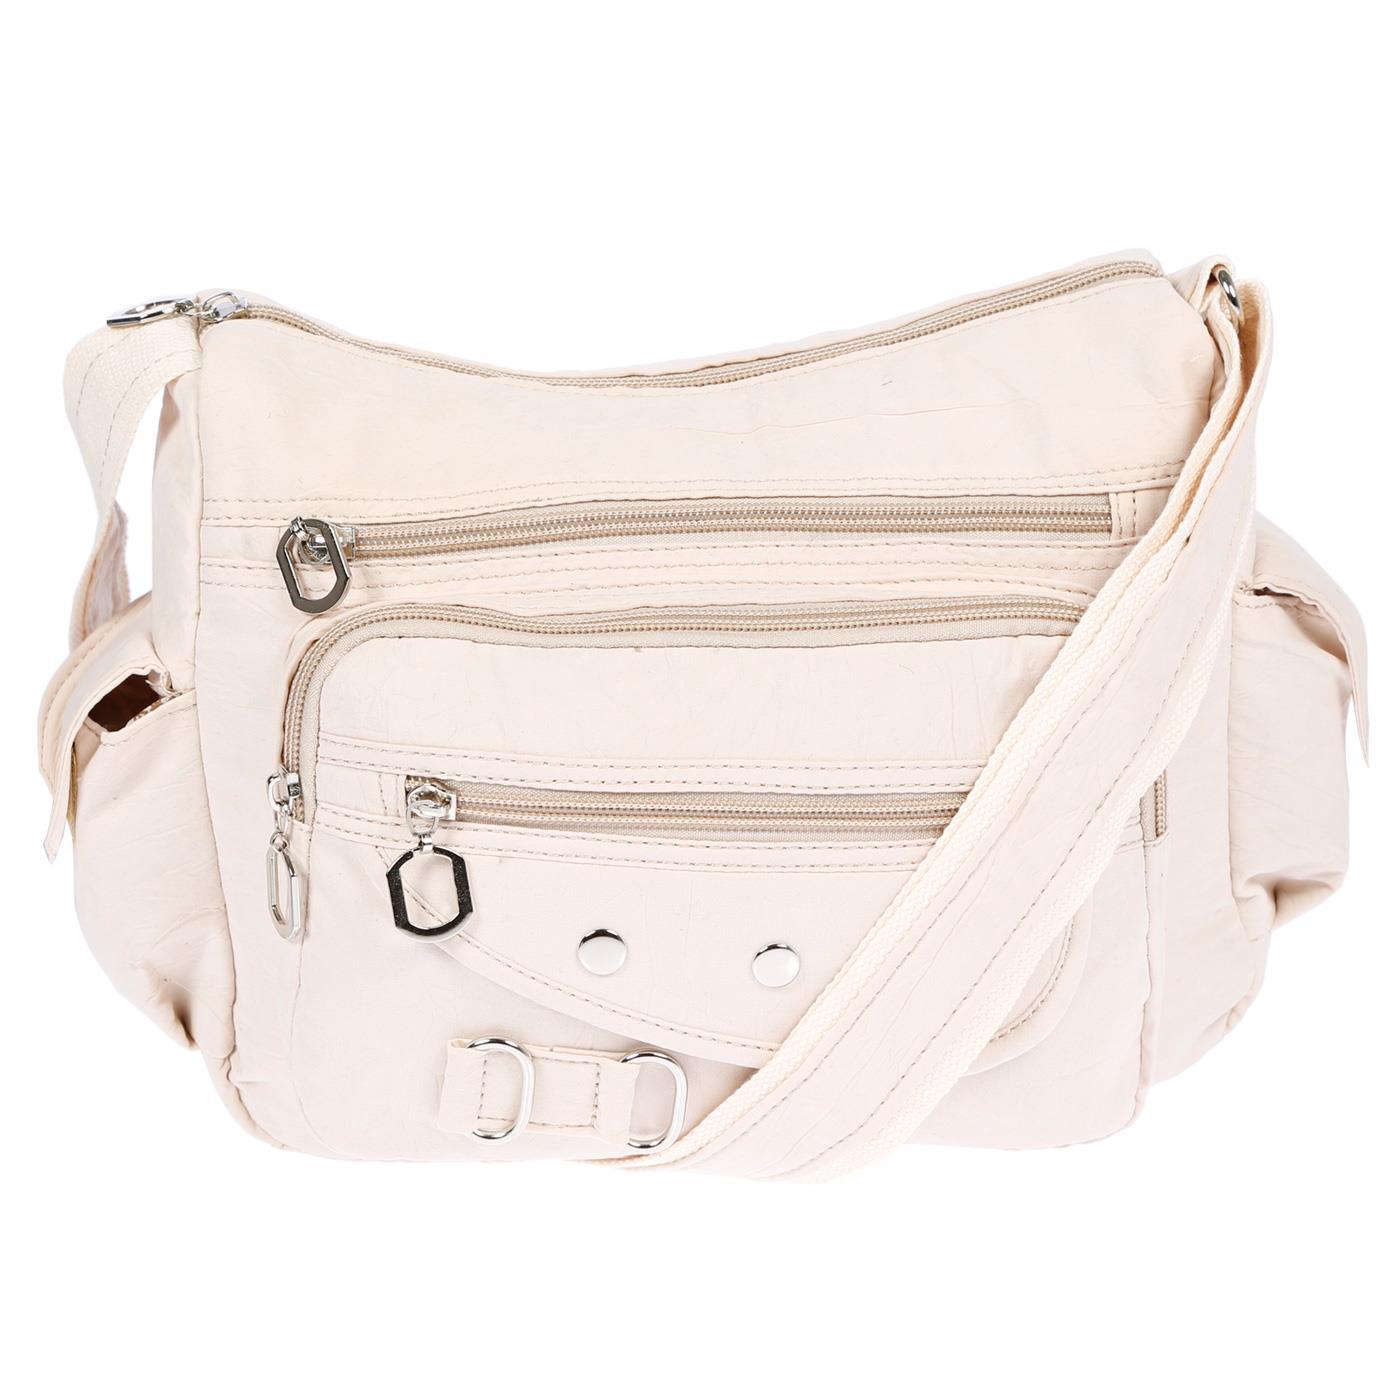 Damenhandtasche-Schultertasche-Tasche-Umhaengetasche-Canvas-Shopper-Crossover-Bag Indexbild 26